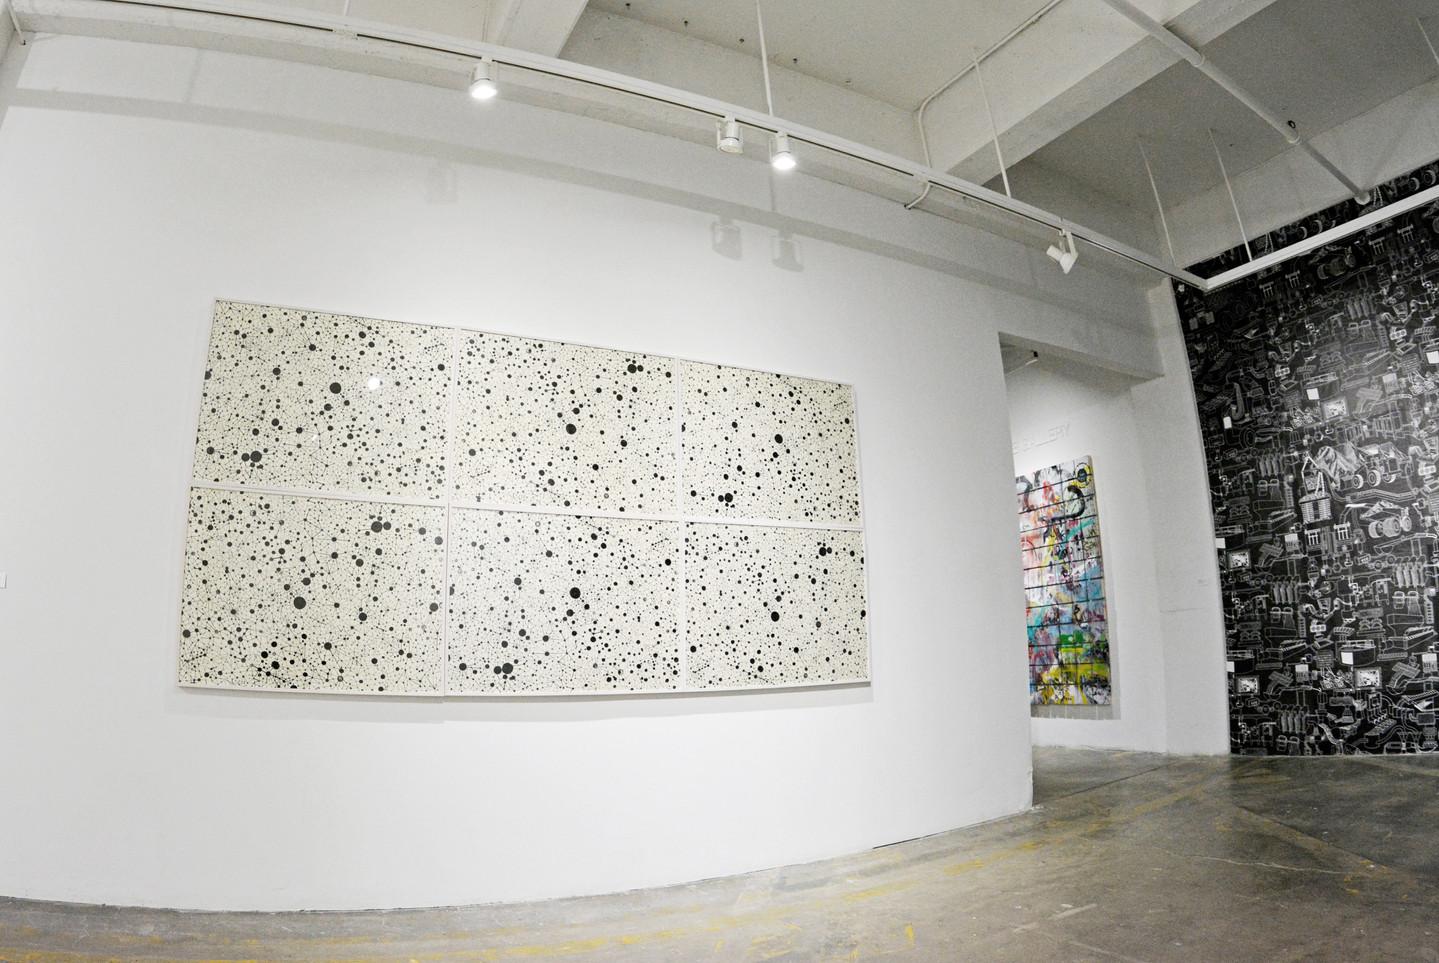 Buffalo Arts Studio, Buffalo, NY